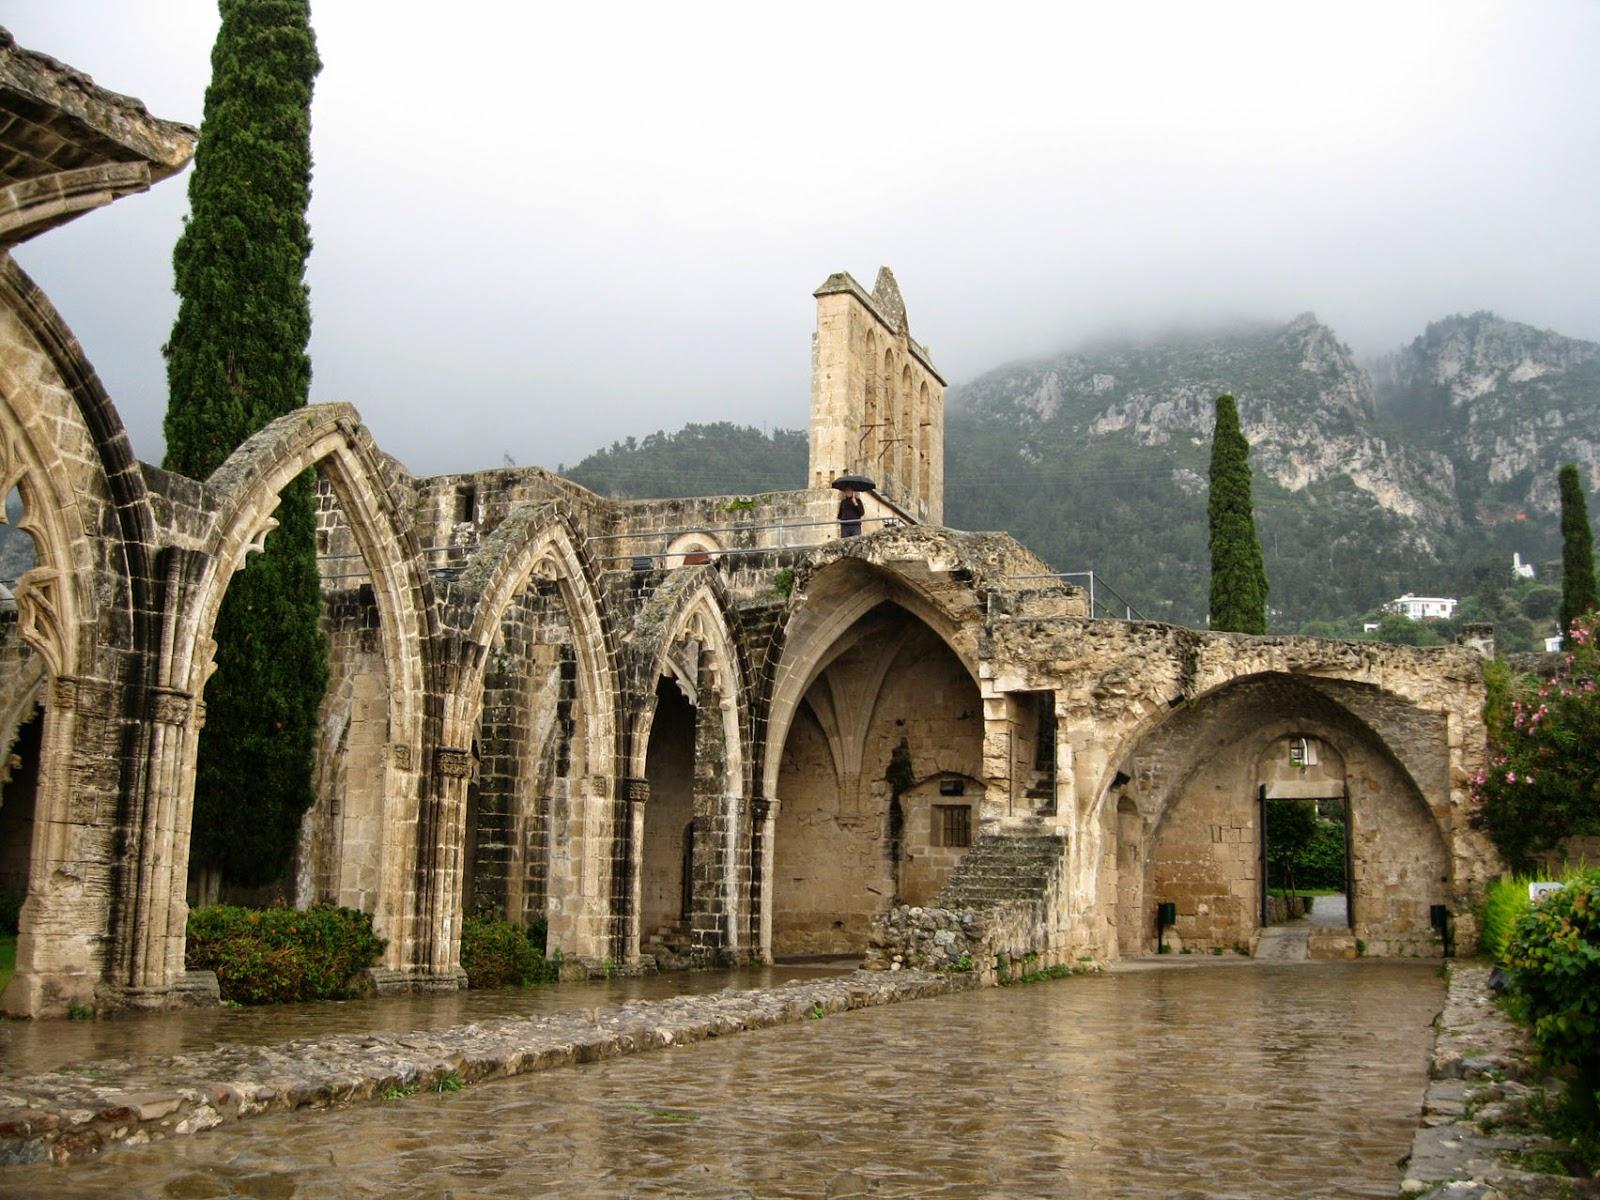 República Turca de Chipre - Beylerbeyi (Bellapais)